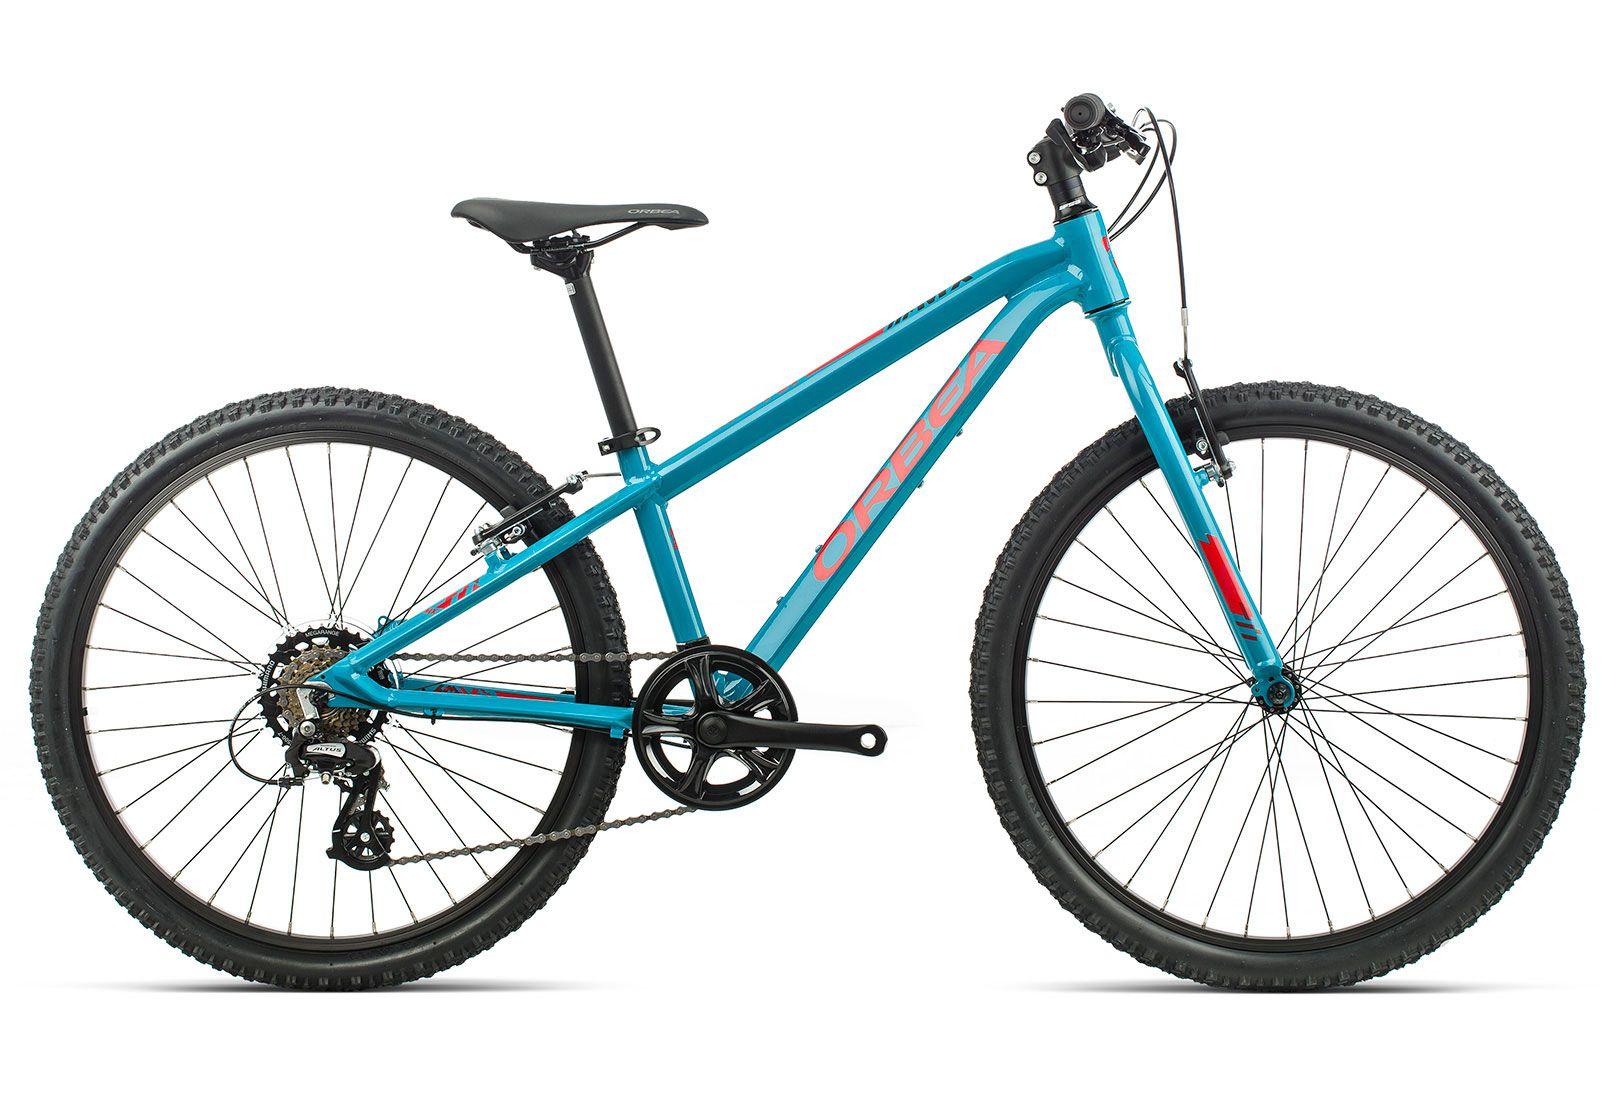 Bicicleta kids Orbea MX 24 DIRT - Azul/Vermelho 2020